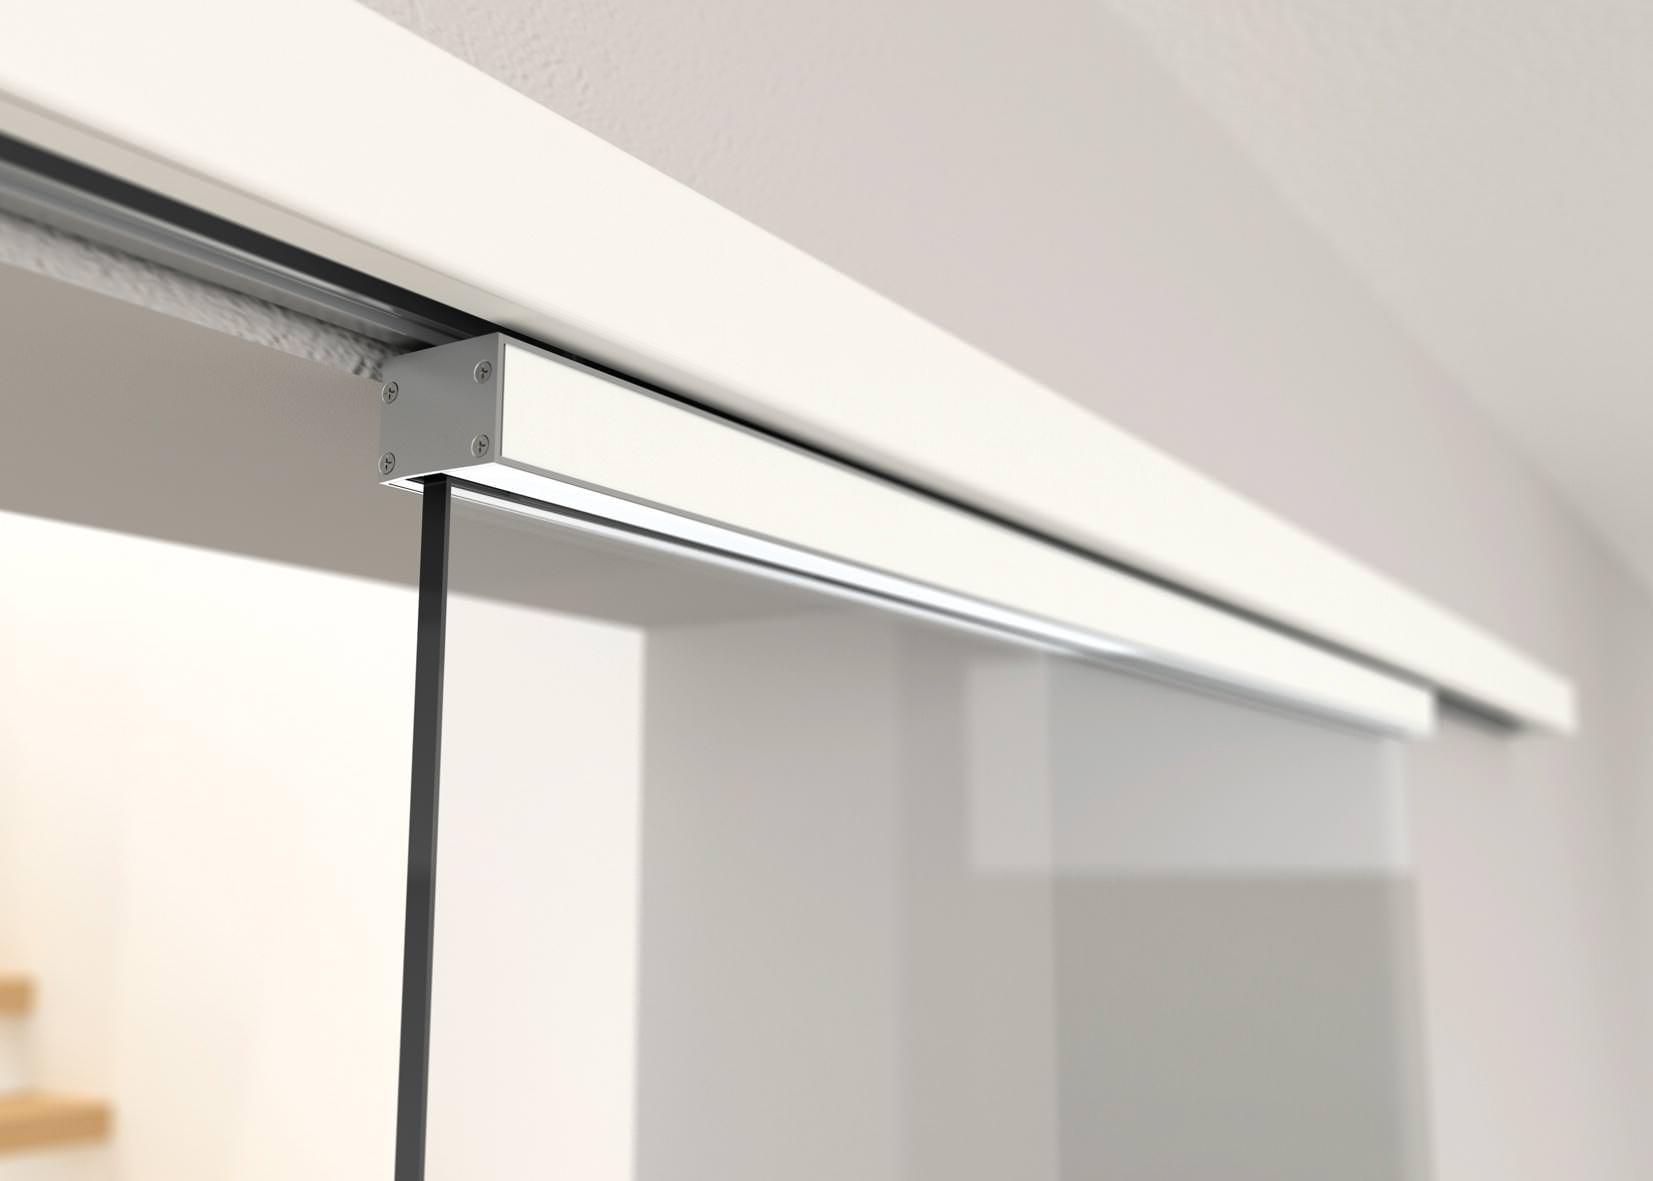 Sehr Neue Glasschiebetüren-Aufnahme fürs Schiebetürsystem 40/80 von WU66